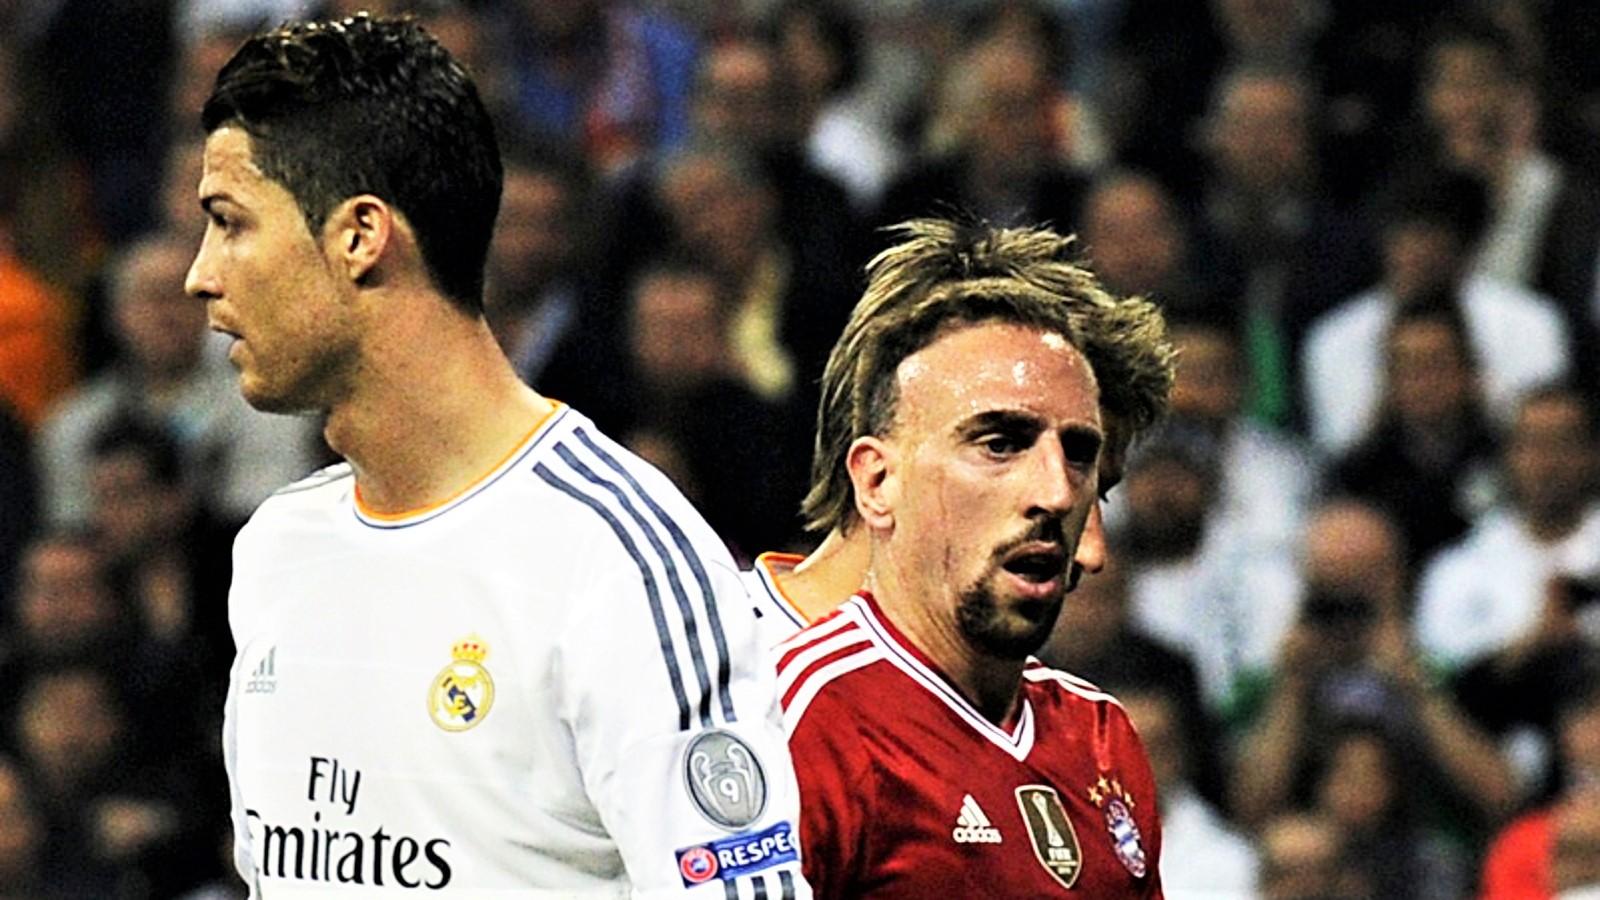 Clou Ronaldo-Ribery, 70 anni e 56 titoli in due